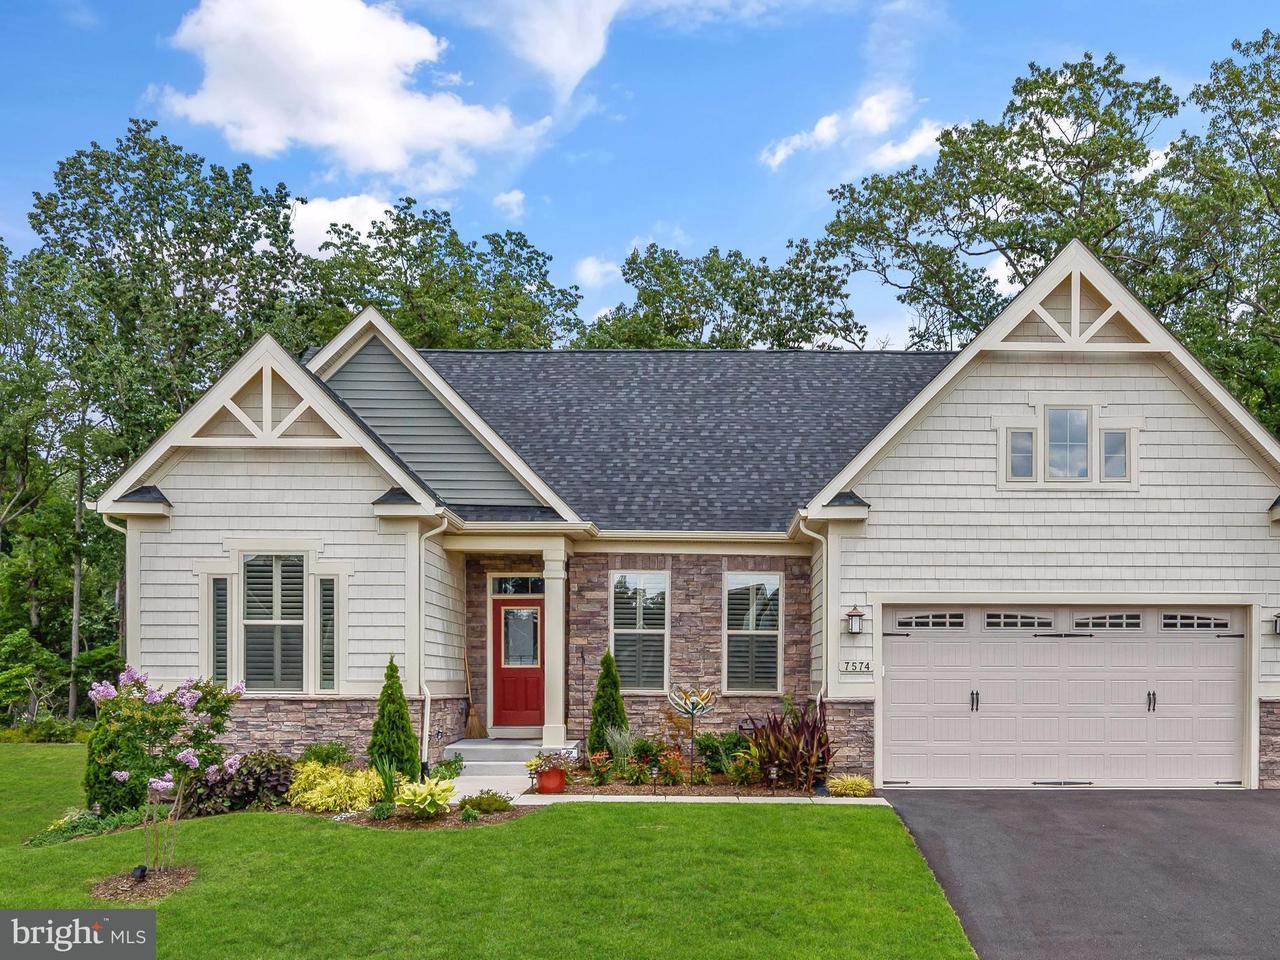 獨棟家庭住宅 為 出售 在 7574 ARUNDEL WOODS Drive 7574 ARUNDEL WOODS Drive Jessup, 馬里蘭州 20794 美國